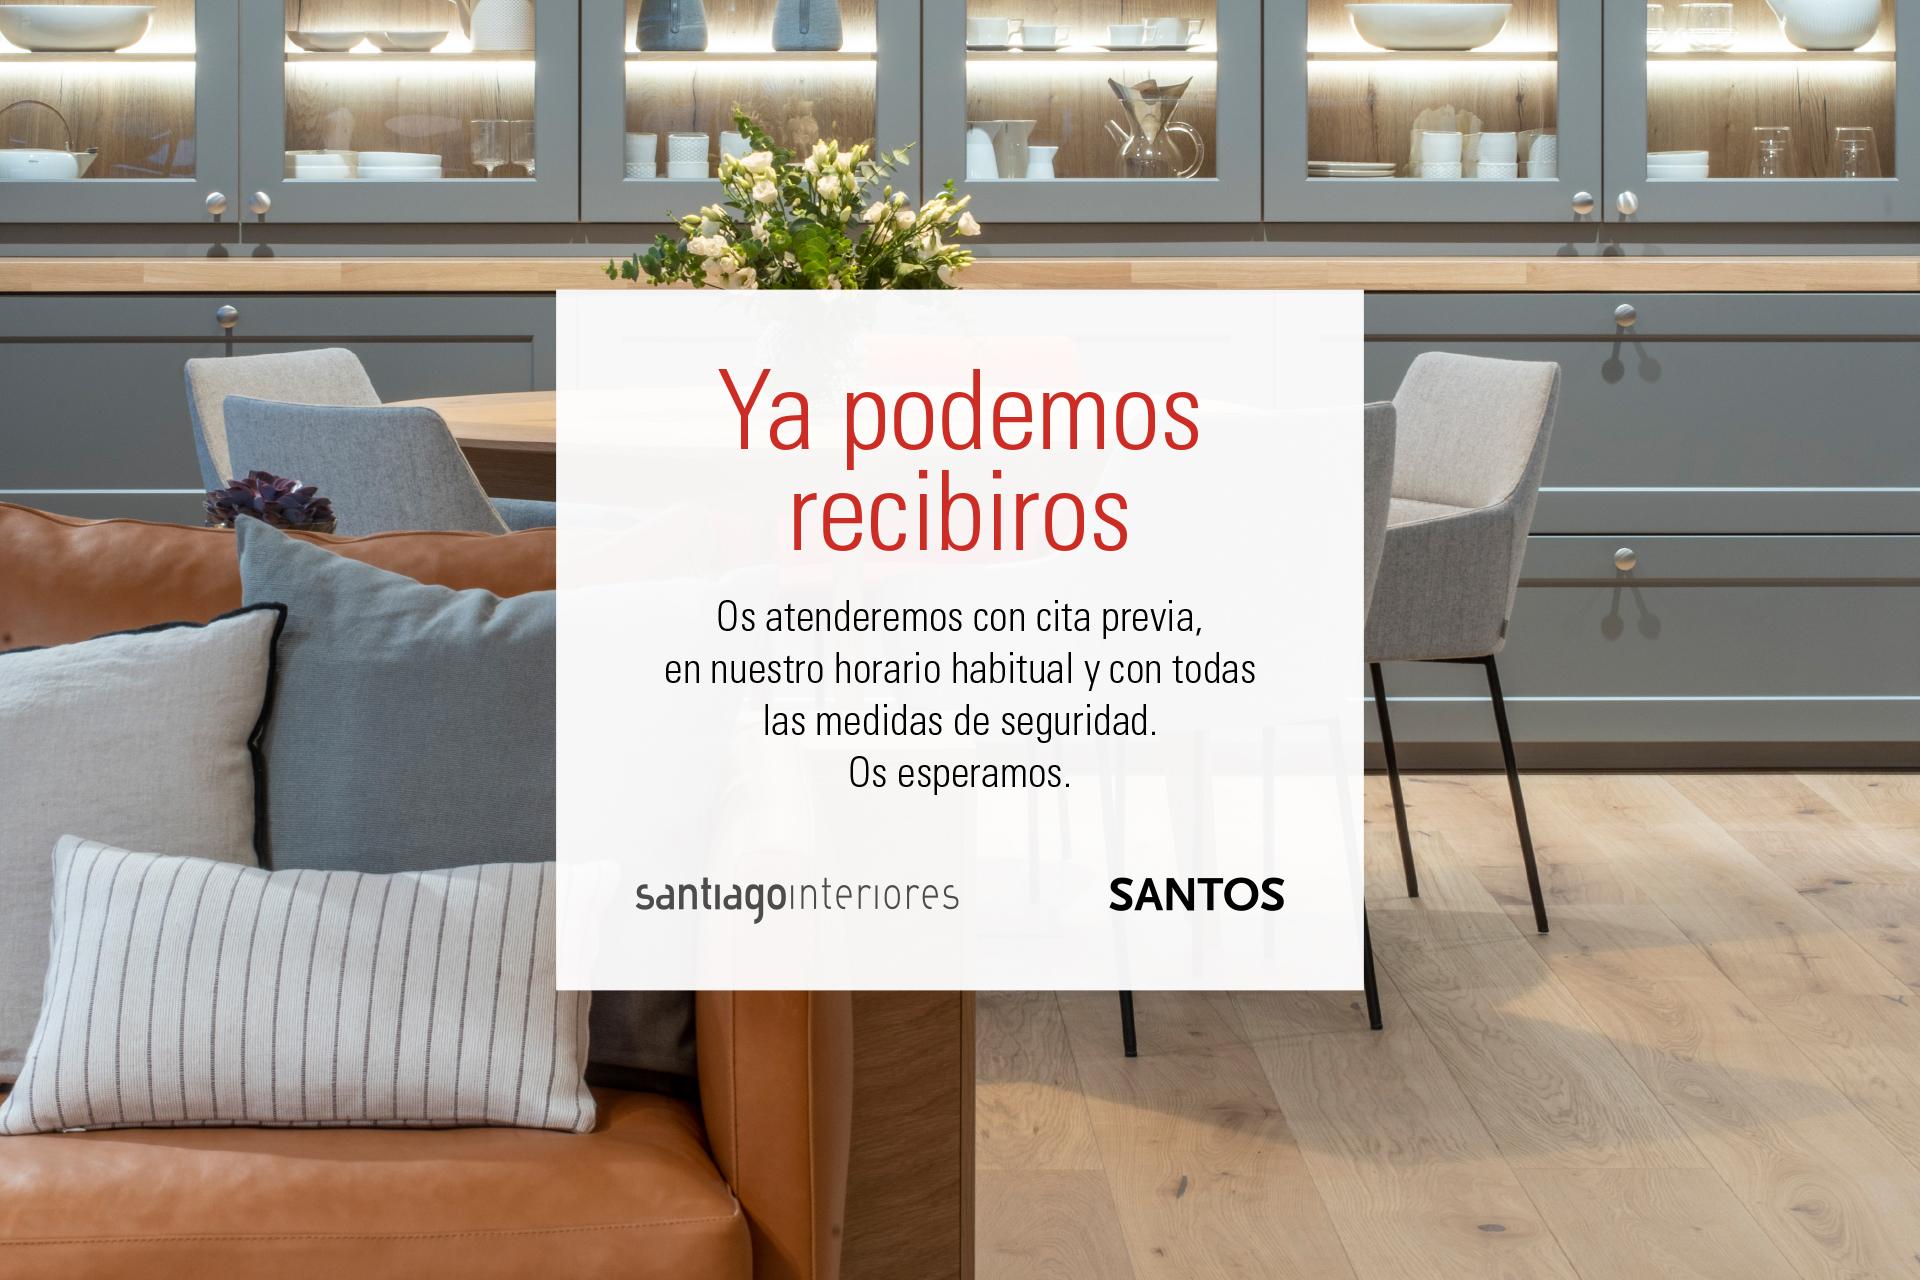 COVID-19: Medidas de seguridad en Santiago Interiores